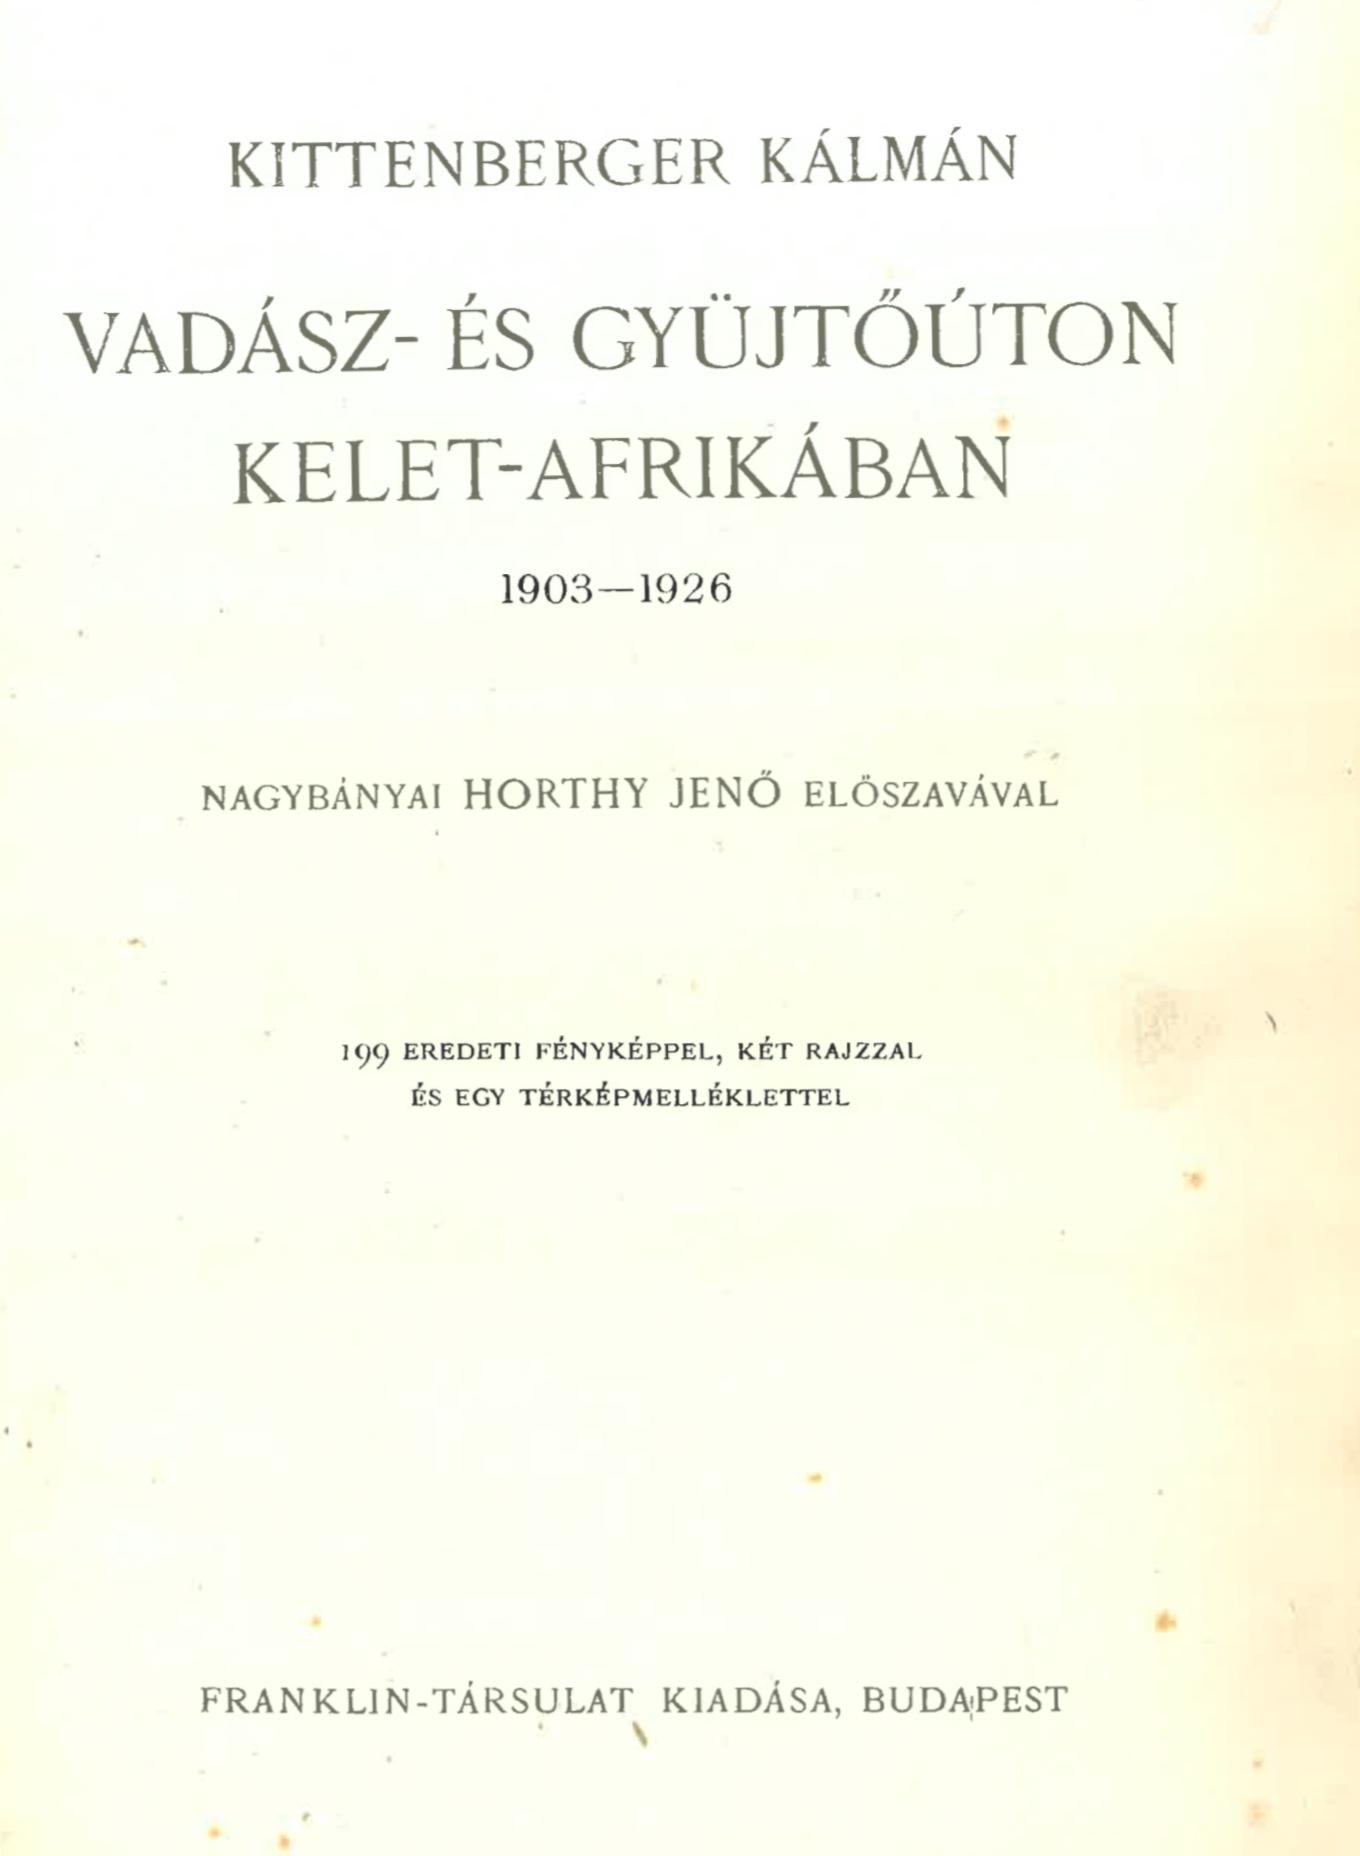 1. Vadász- és gyűjtőúton Kelet-Afrikában, 1903–1926, Budapest, Franklin, [1927]. – Törzsgyűjtemény